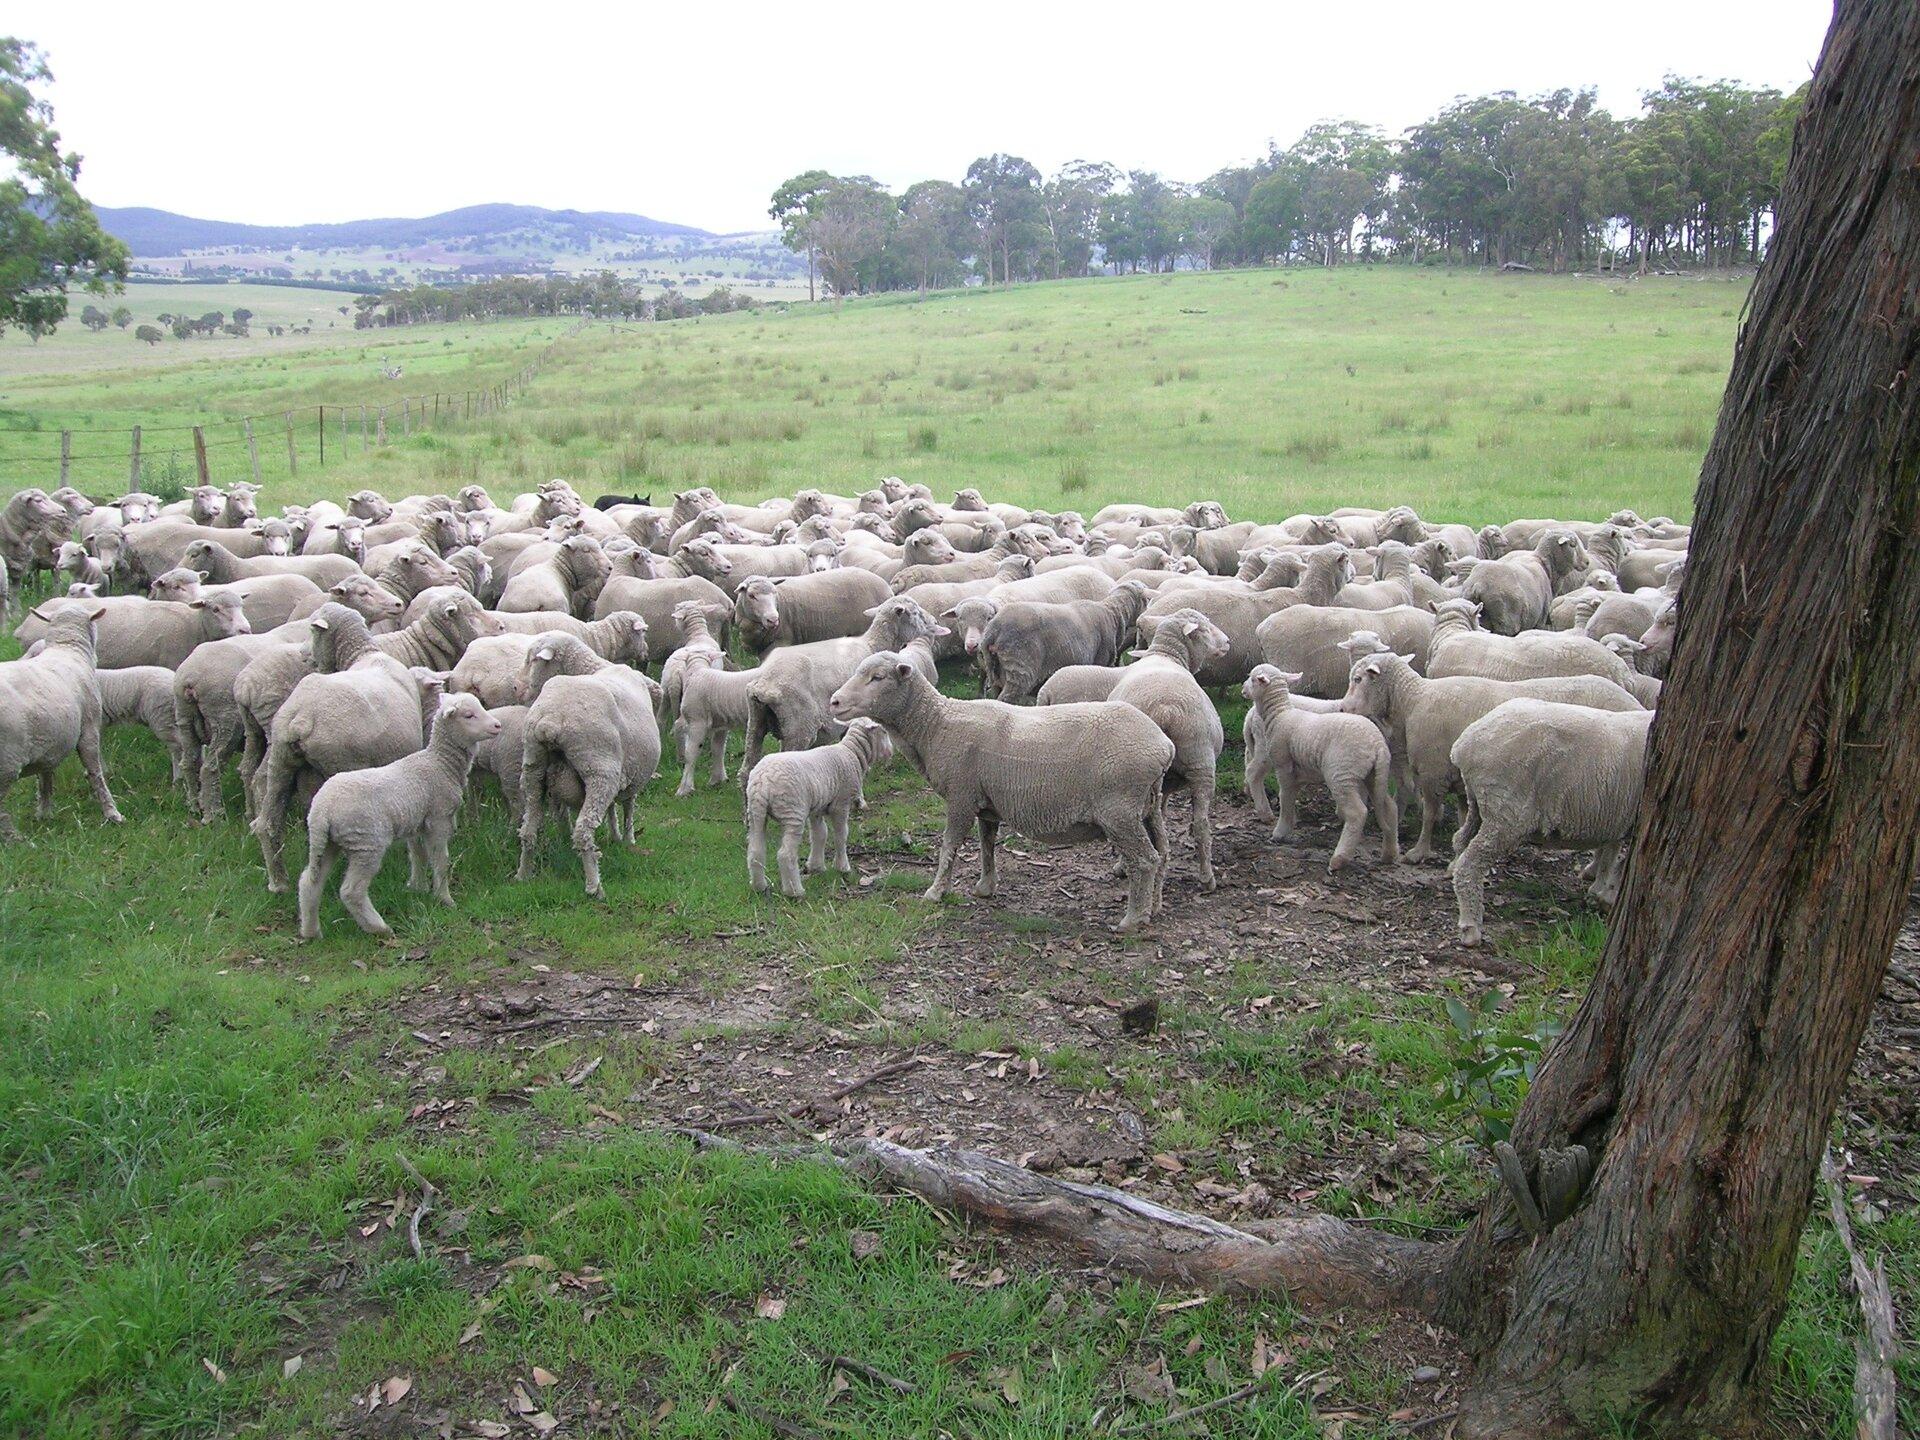 Na ilustracji stado ostrzyżonych owiec na rozległym pastwisku.